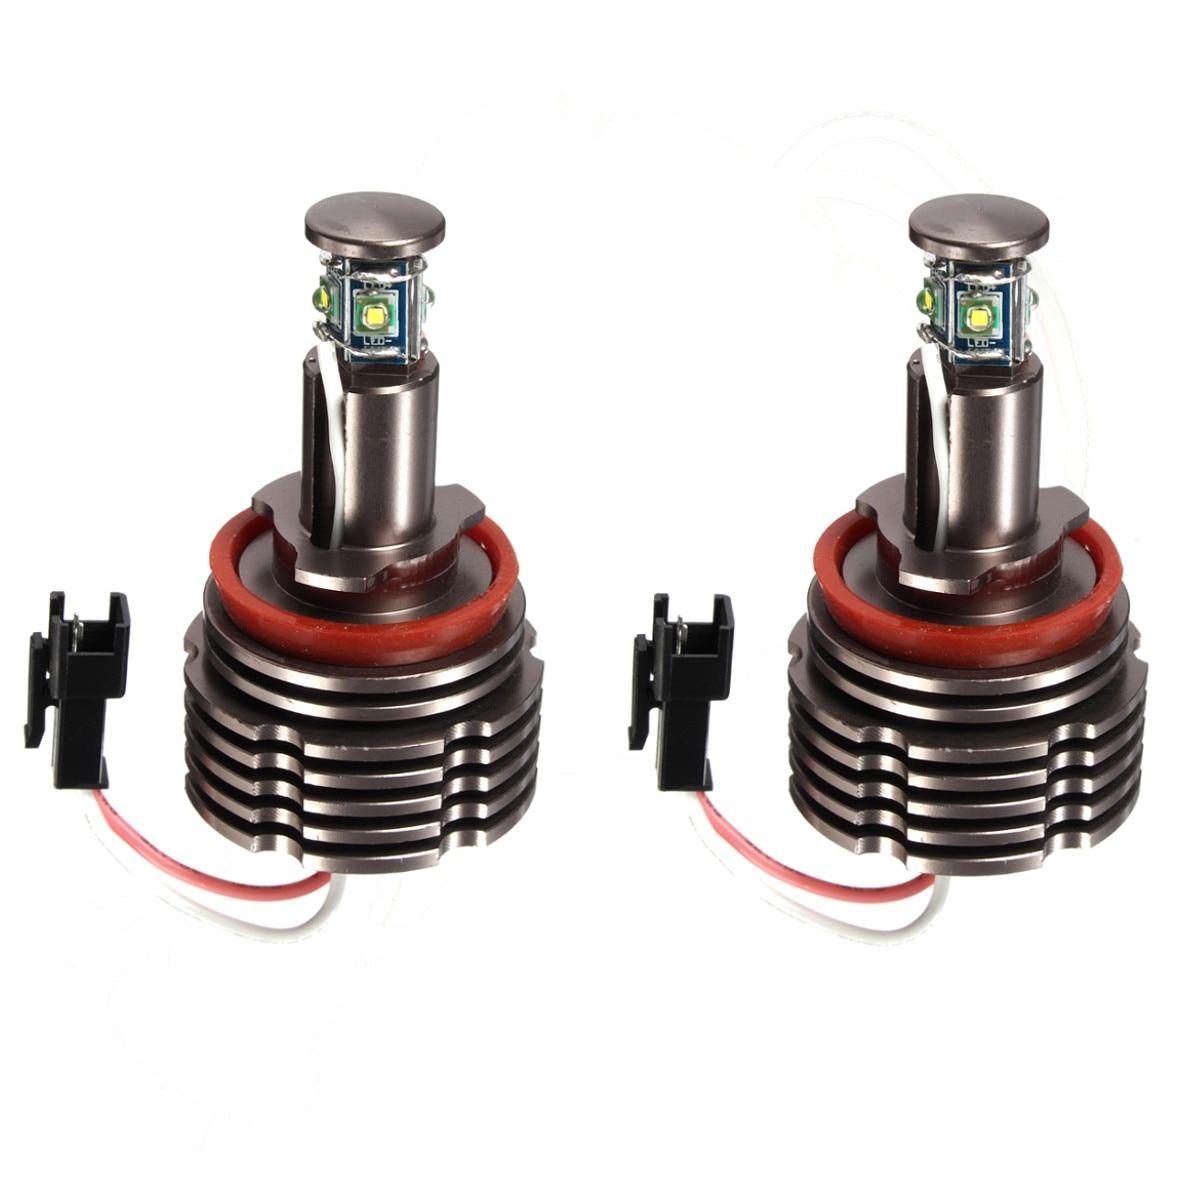 New 1 Pair Led Angel Eye Ring Light lamp Bulb Xenon White Error For BMW E82 E87 E88 E90 E91 E92 E60 E61 E63 E64 H8 40W